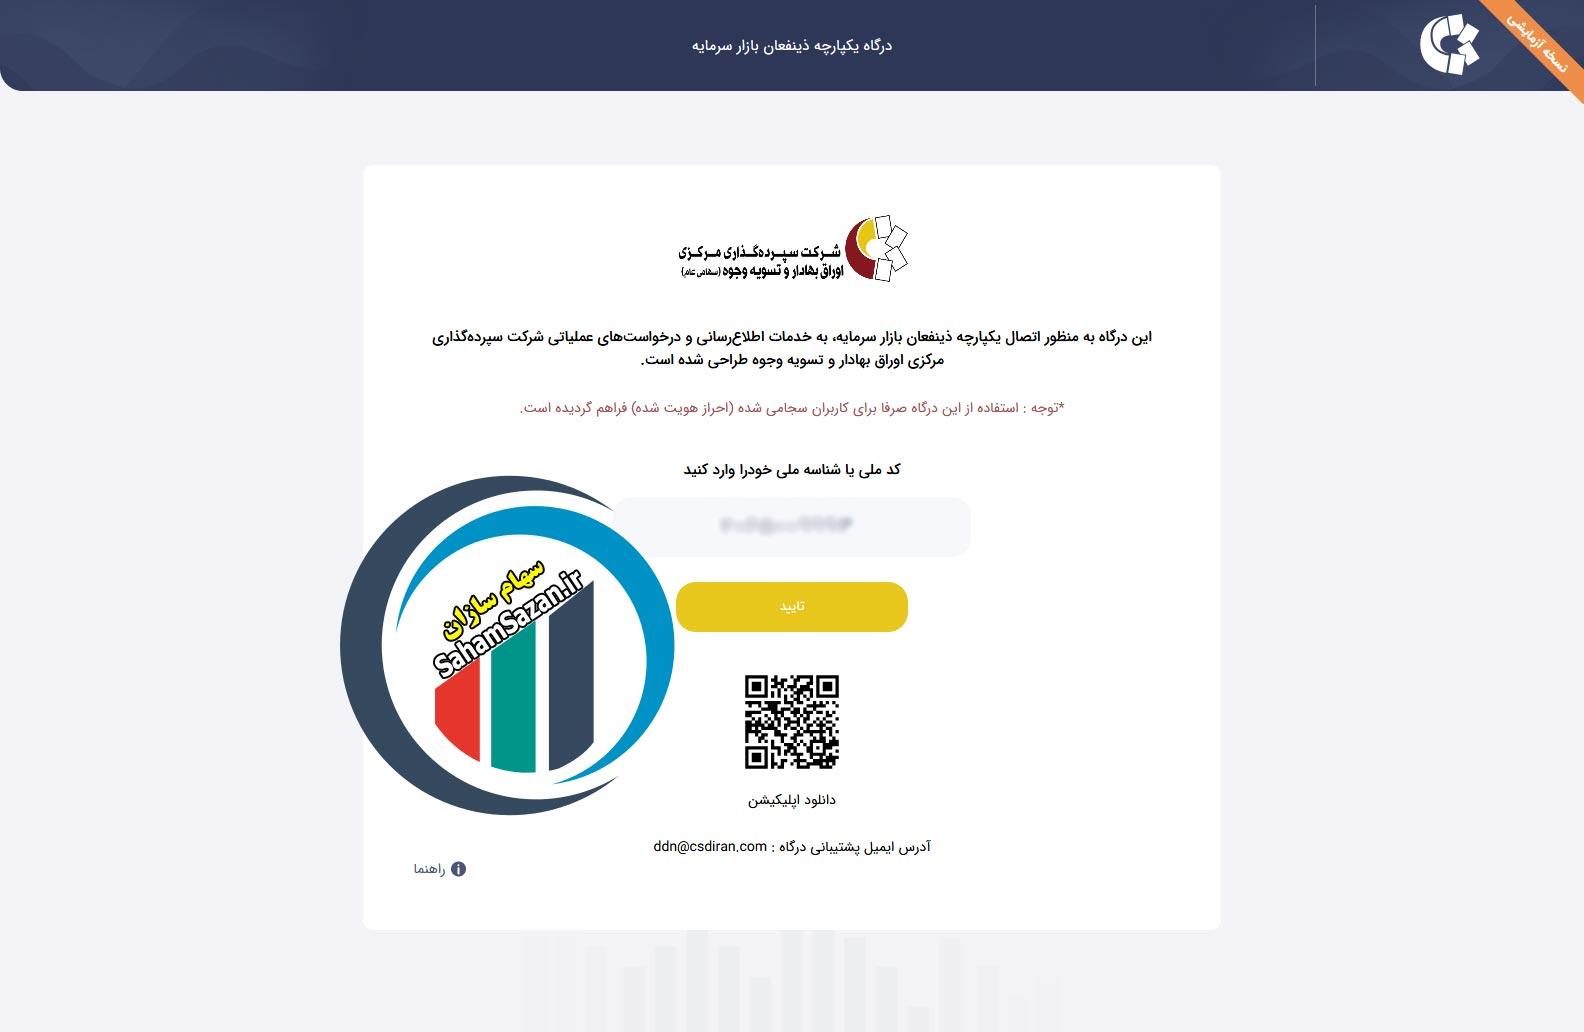 صفحه اصلی درگاه یکپارچه ذینفعان بازار سرمایه